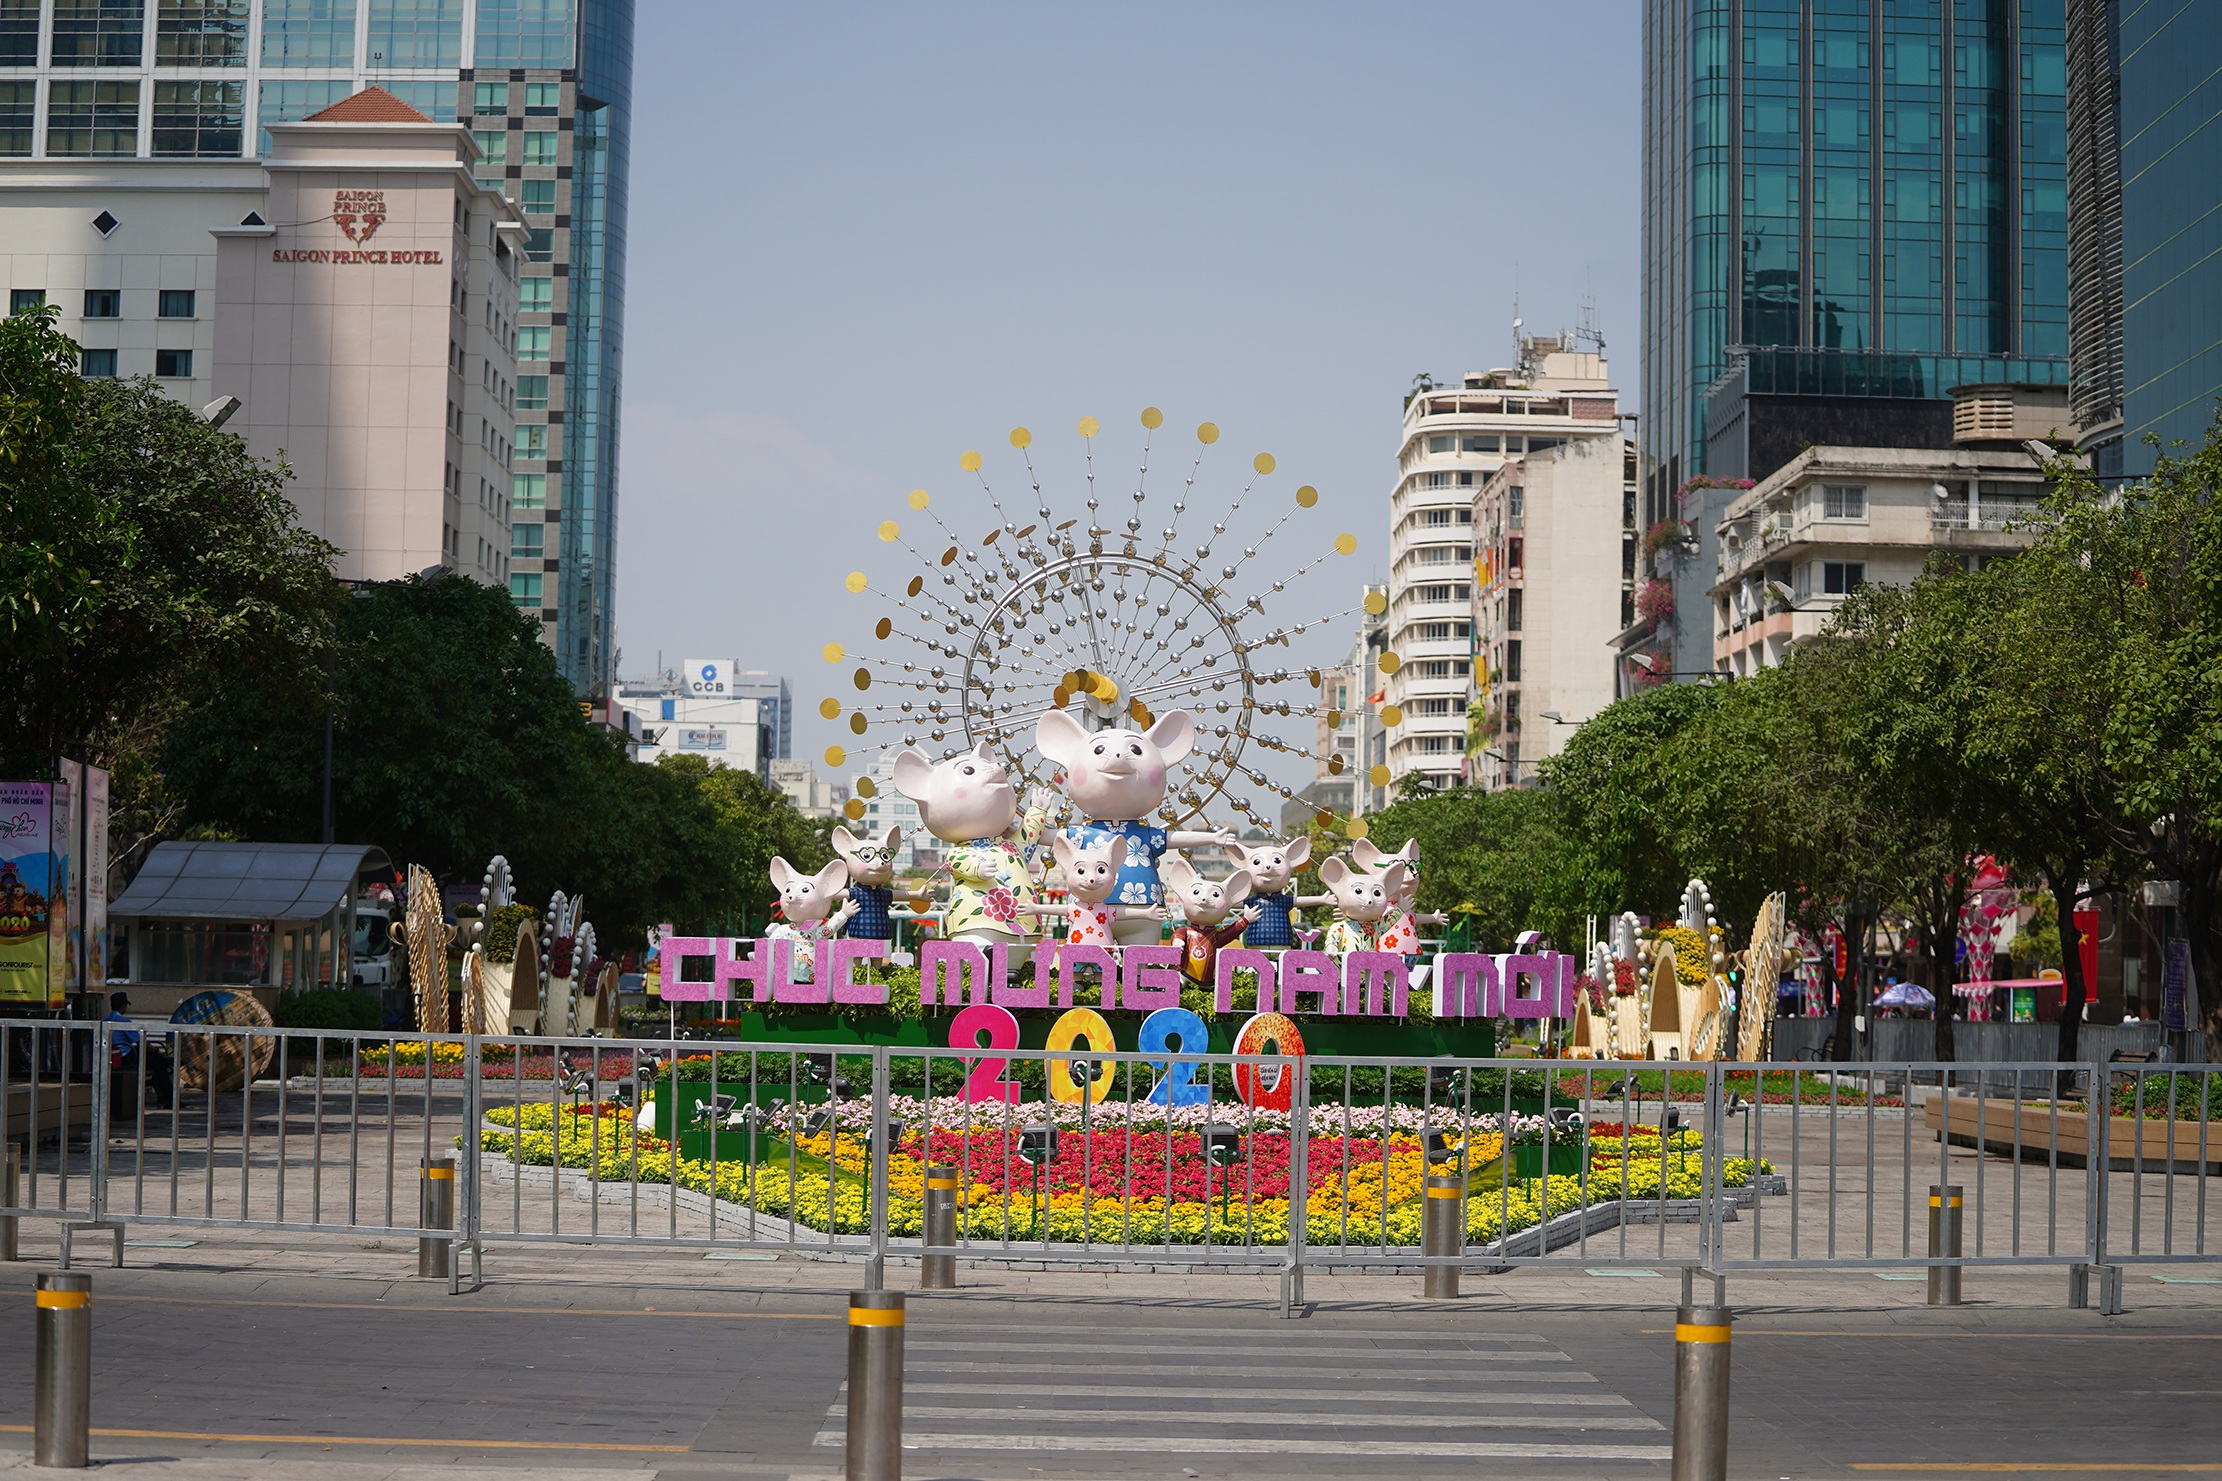 Mãn nhãn ngắm đường hoa Nguyễn Huệ trước giờ G - 11